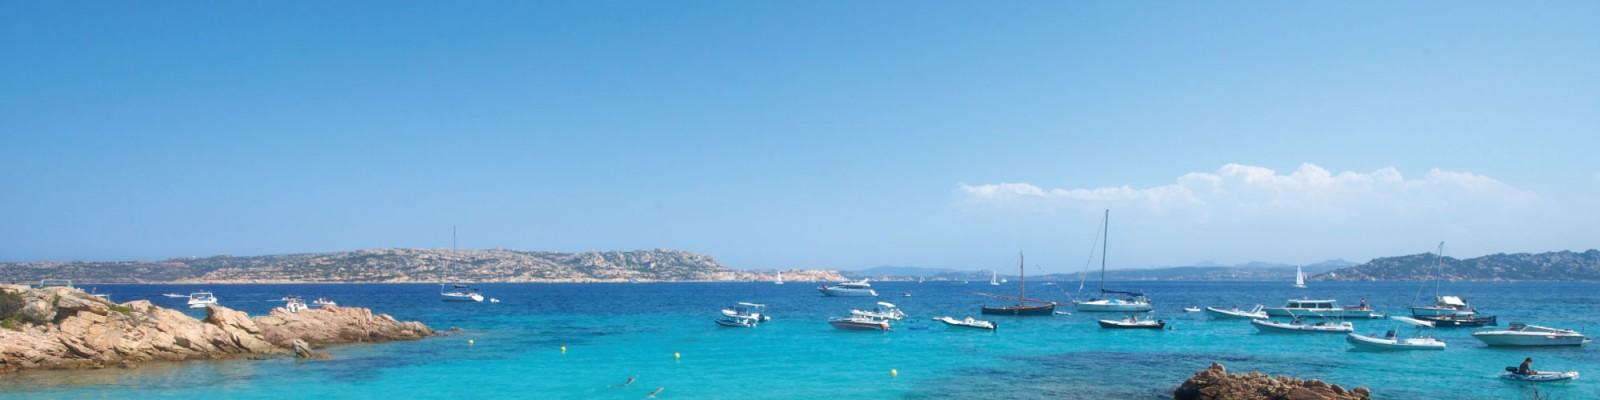 Tenrag Yacht Charter: Sardinia